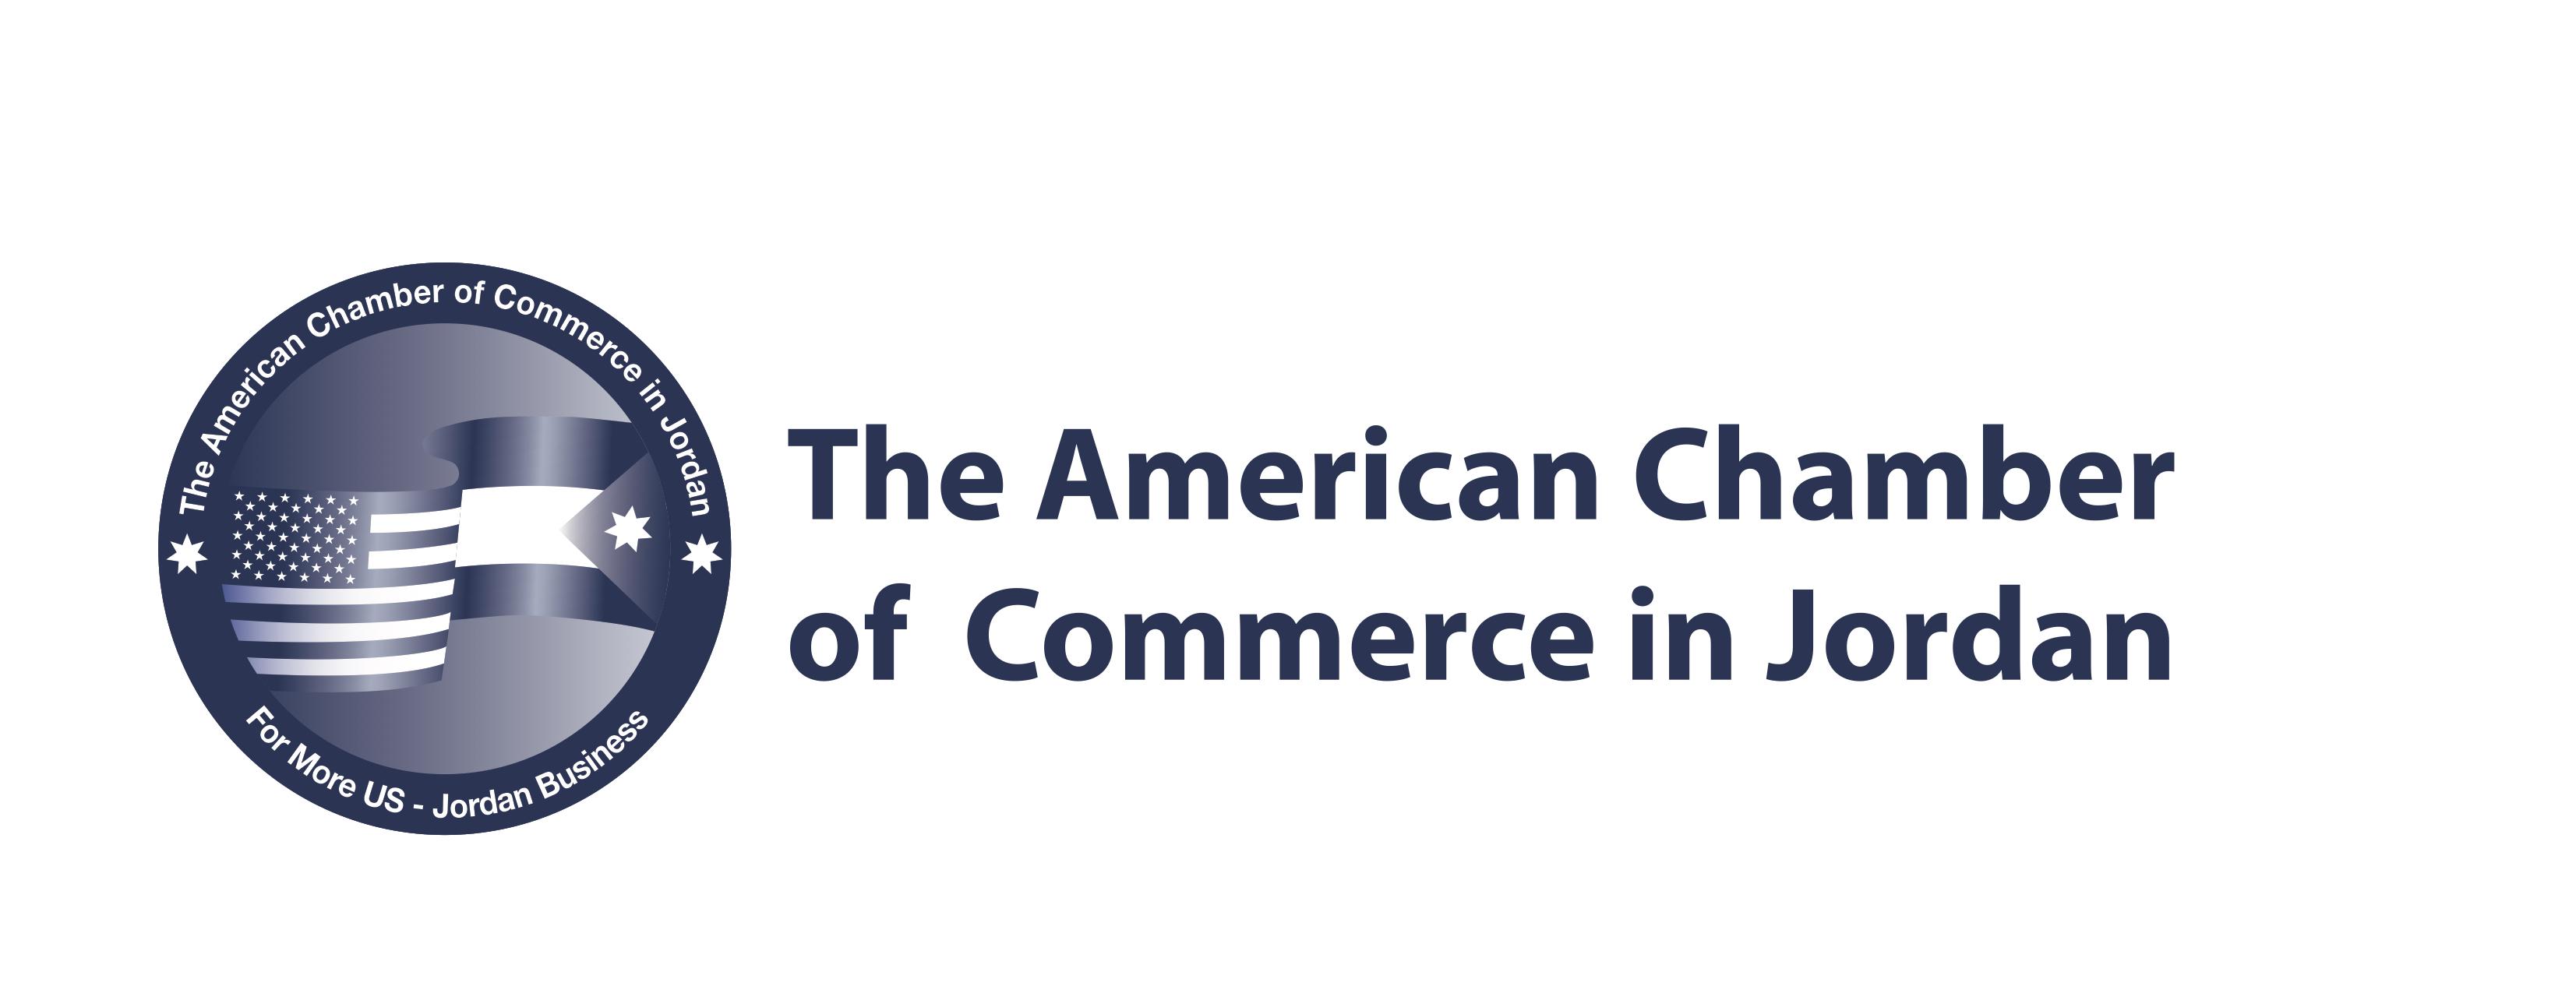 غرفة التجارة الامريكية الاردن